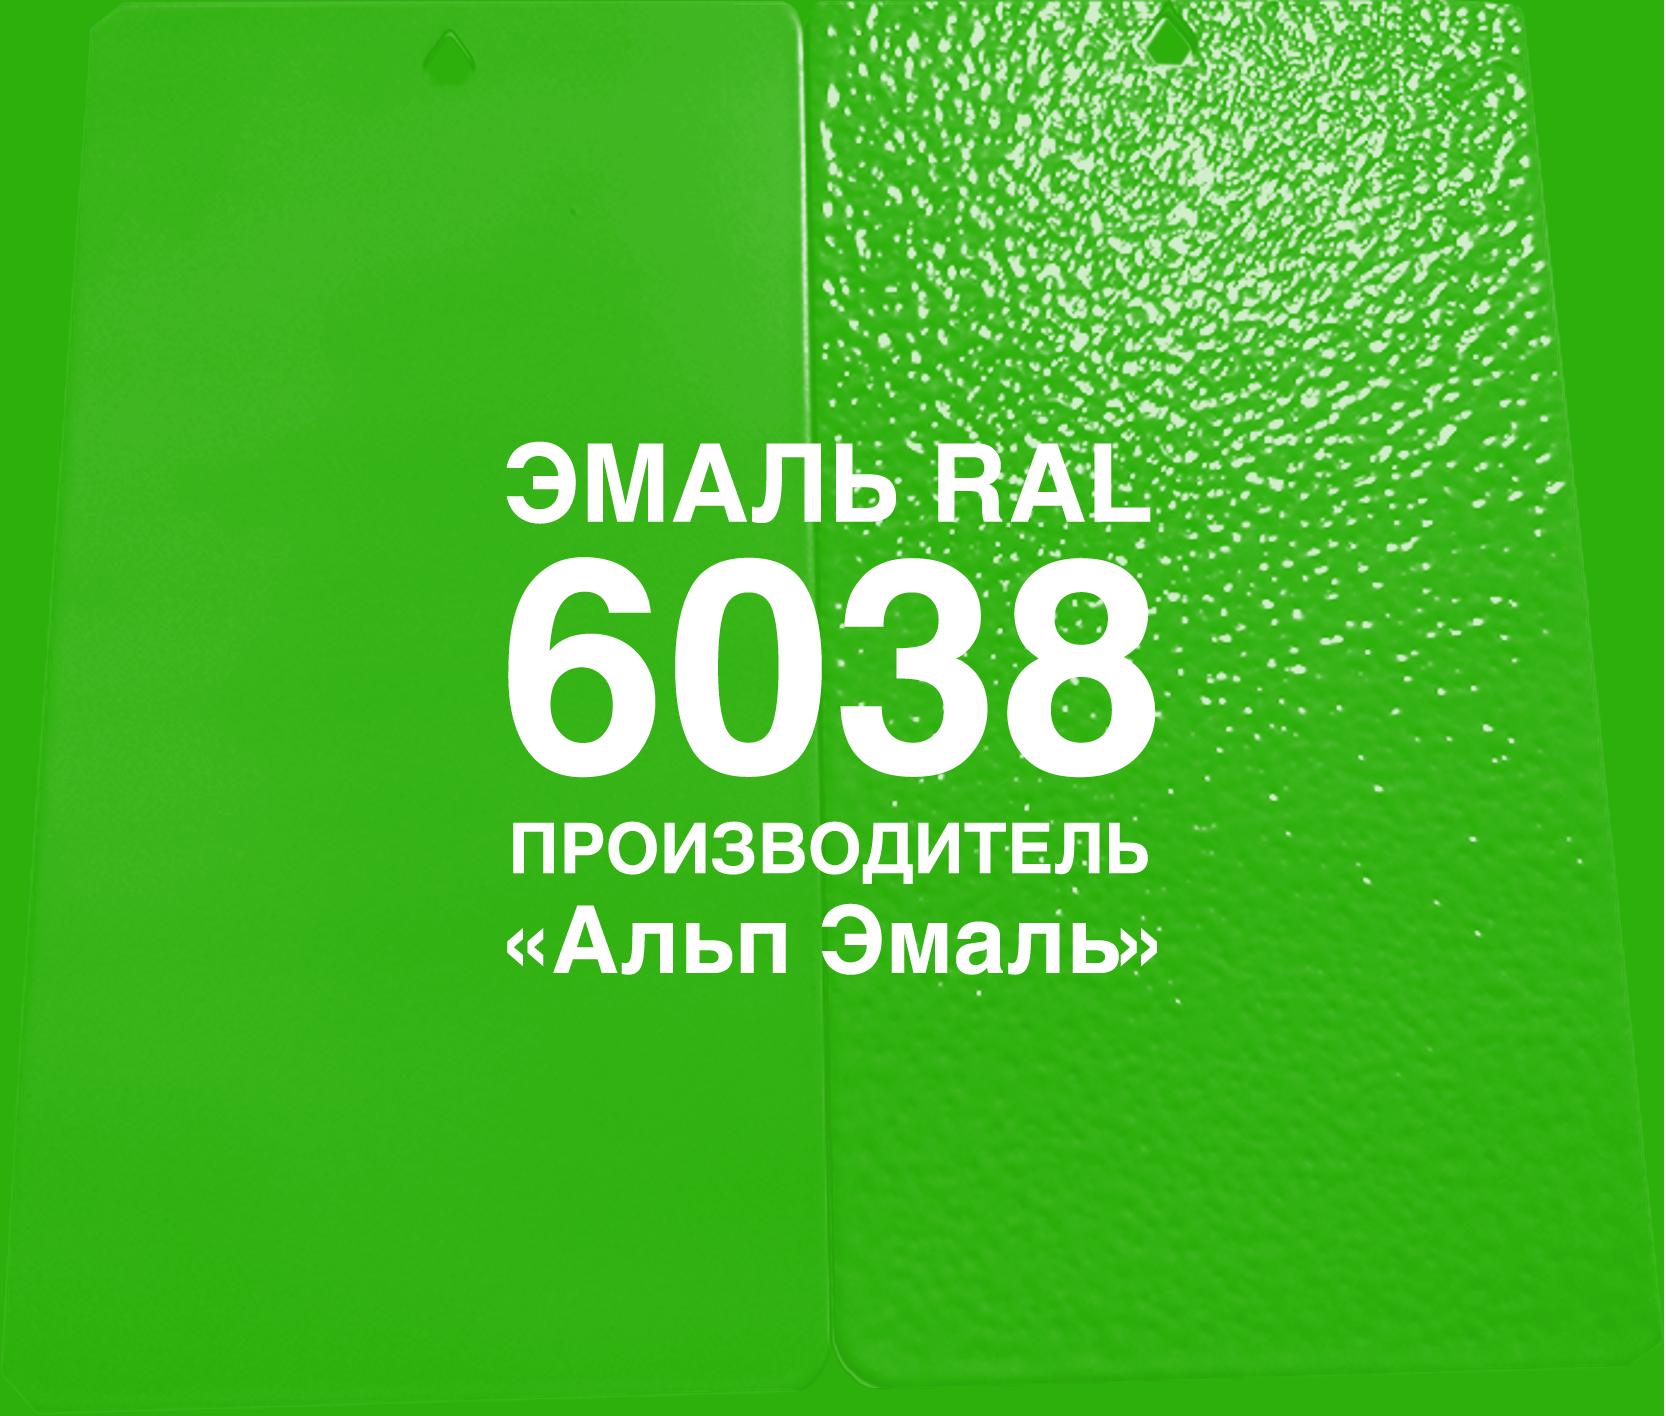 Краска эмаль RAL 6038 зеленая ЗАО Альп Эмаль